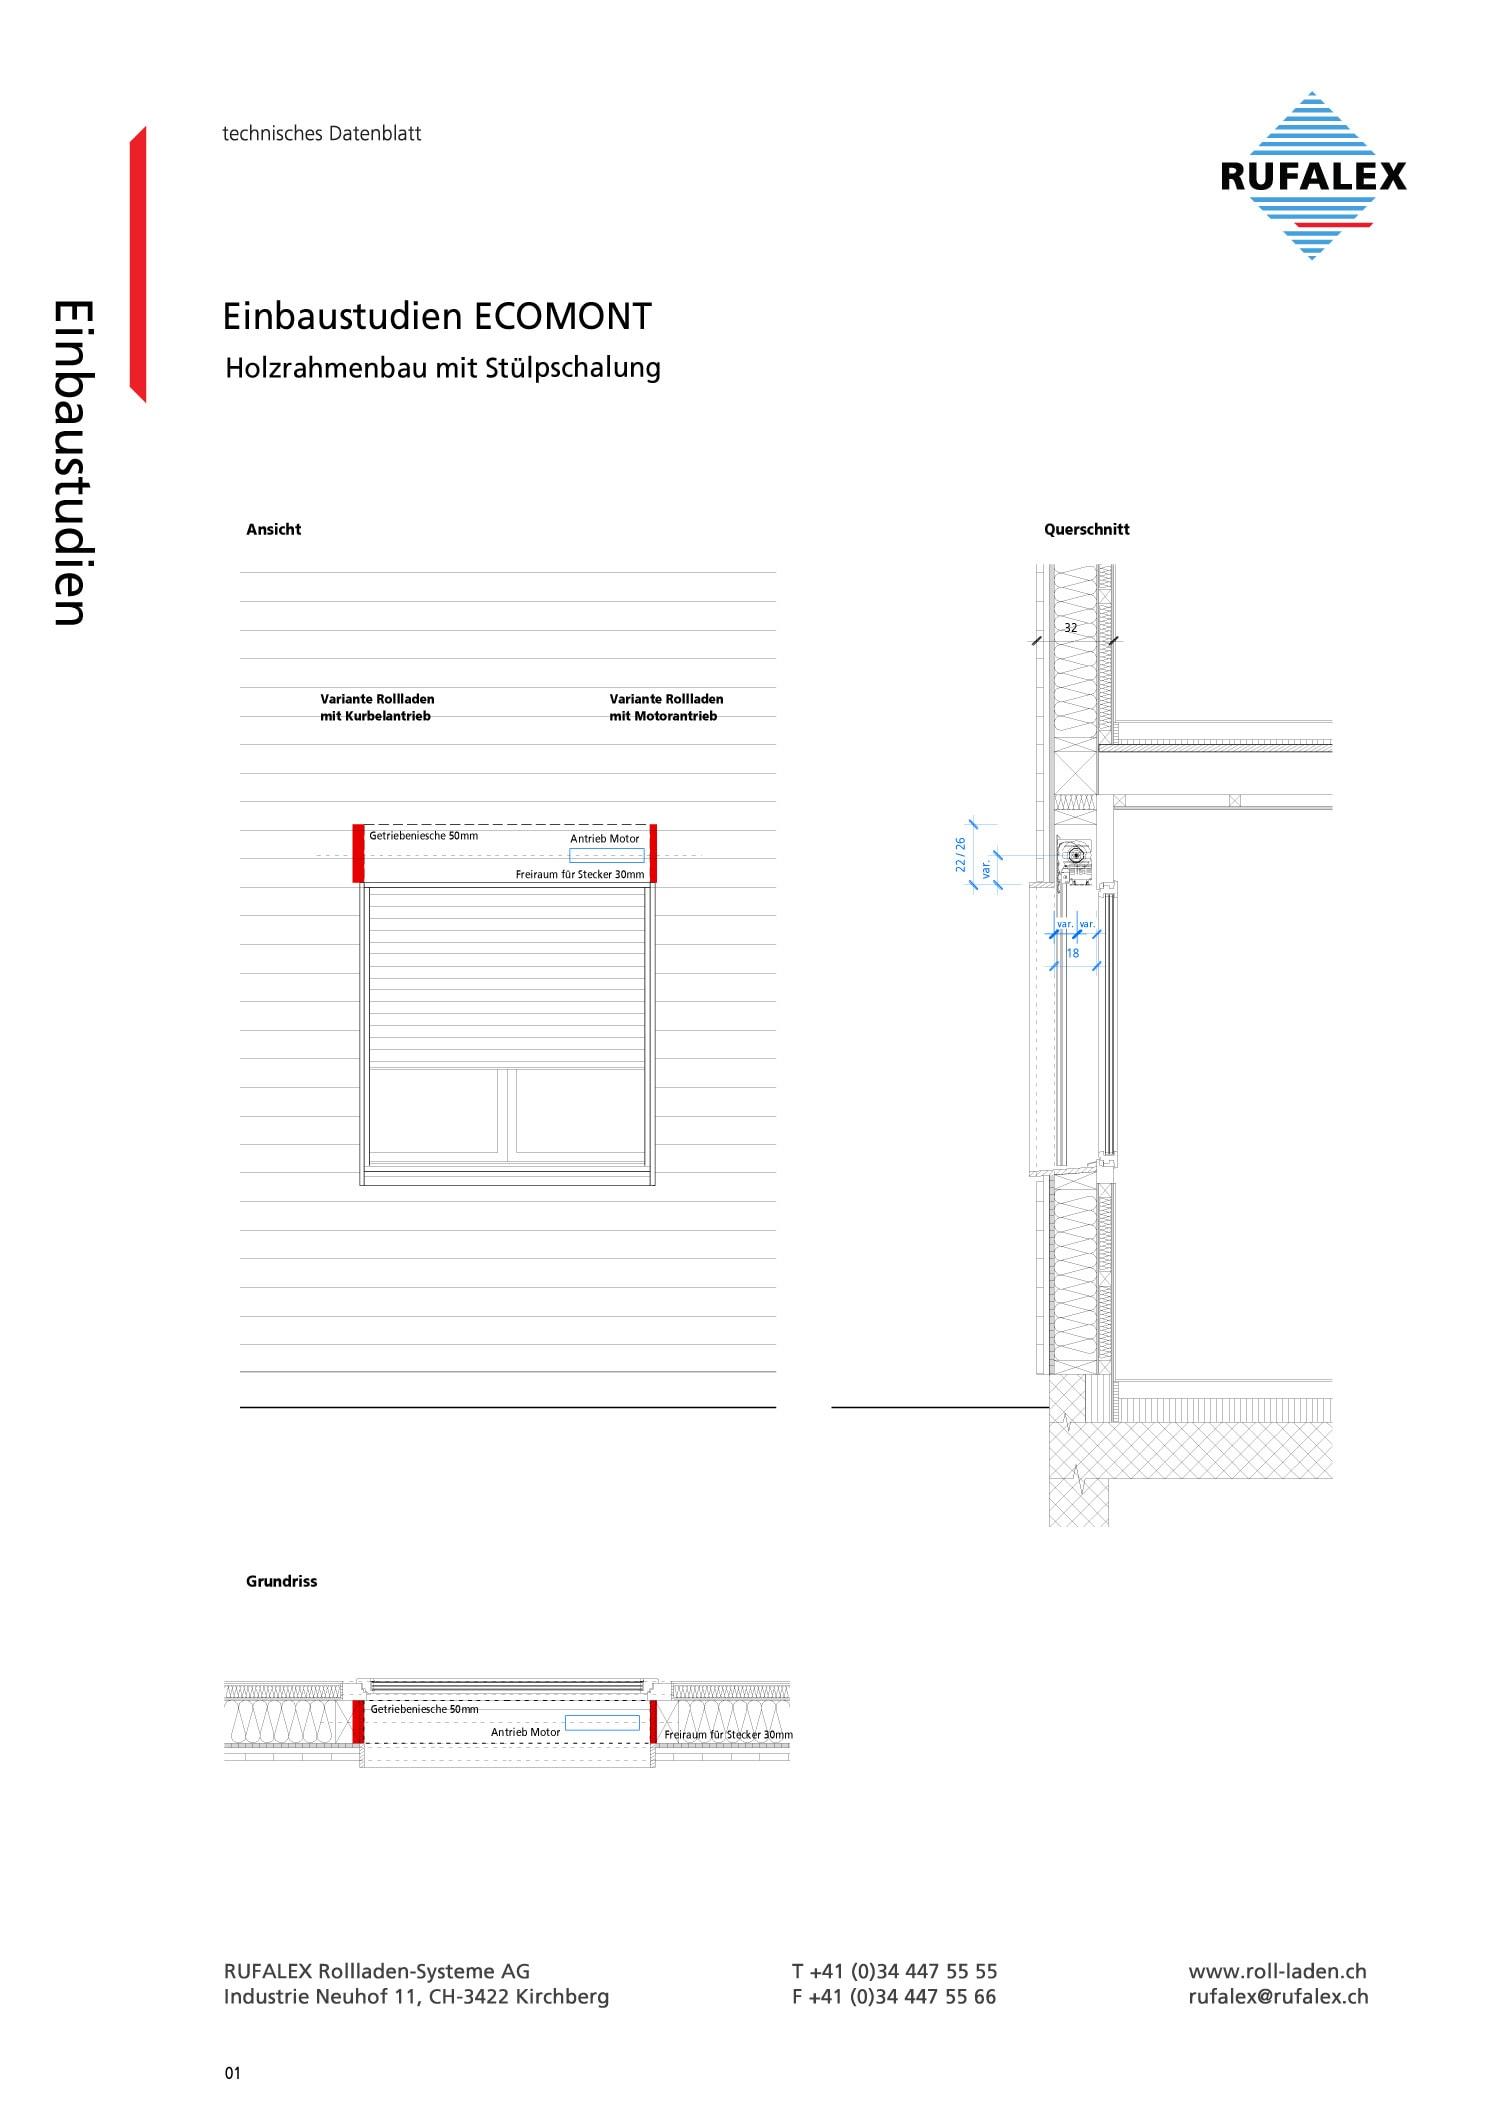 Holzrahmenbau grundriss detail  ECOMONT Holzrahmenbau mit Stülpschalung | RUFALEX Rollladen-Systeme AG